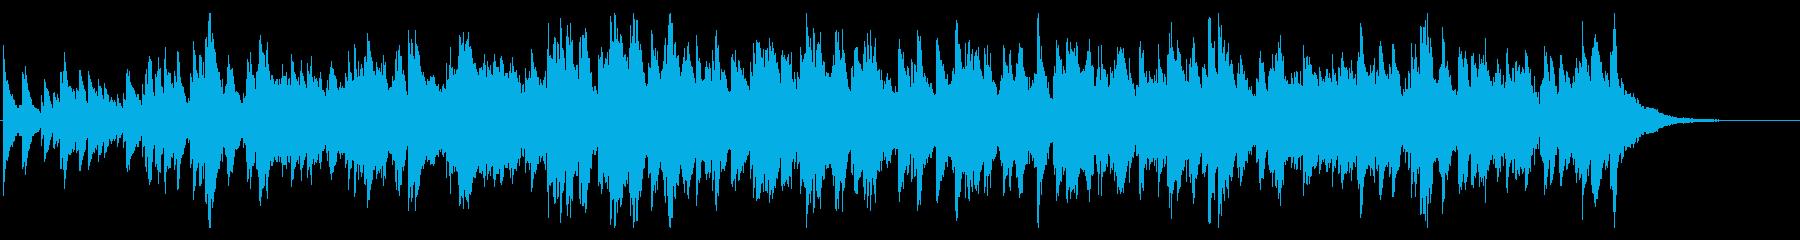 映画のエンドロール風、しっとりピアノ。の再生済みの波形